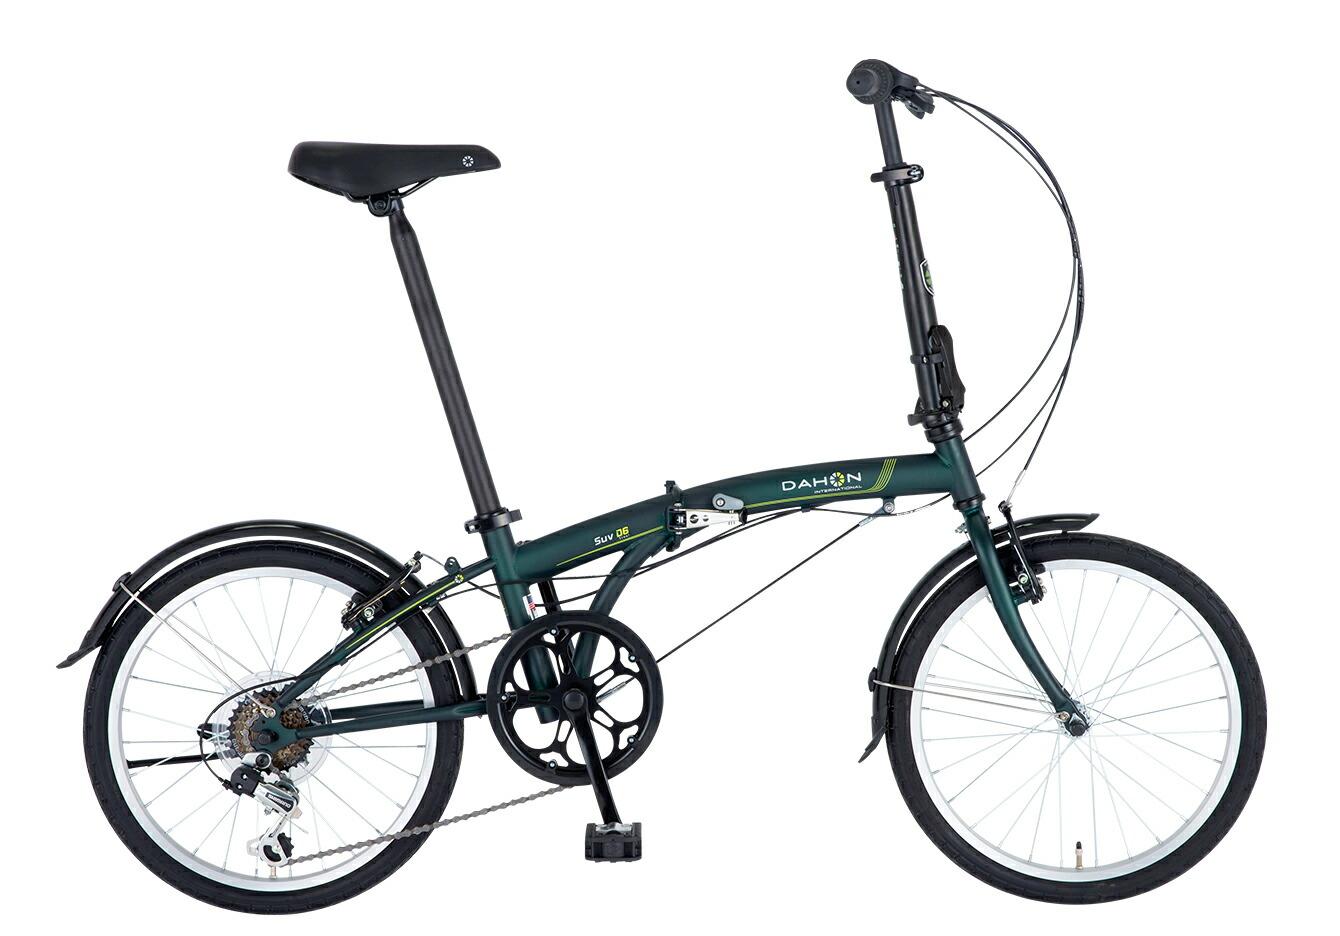 折りたたみ自転車 DAHON SUV D6 ダホン 自転車 20インチ 折りたたみ 外装6段変速ギア エスユーヴィー D6 Matt Forest マットフォレスト ギア付 通販 おしゃれ